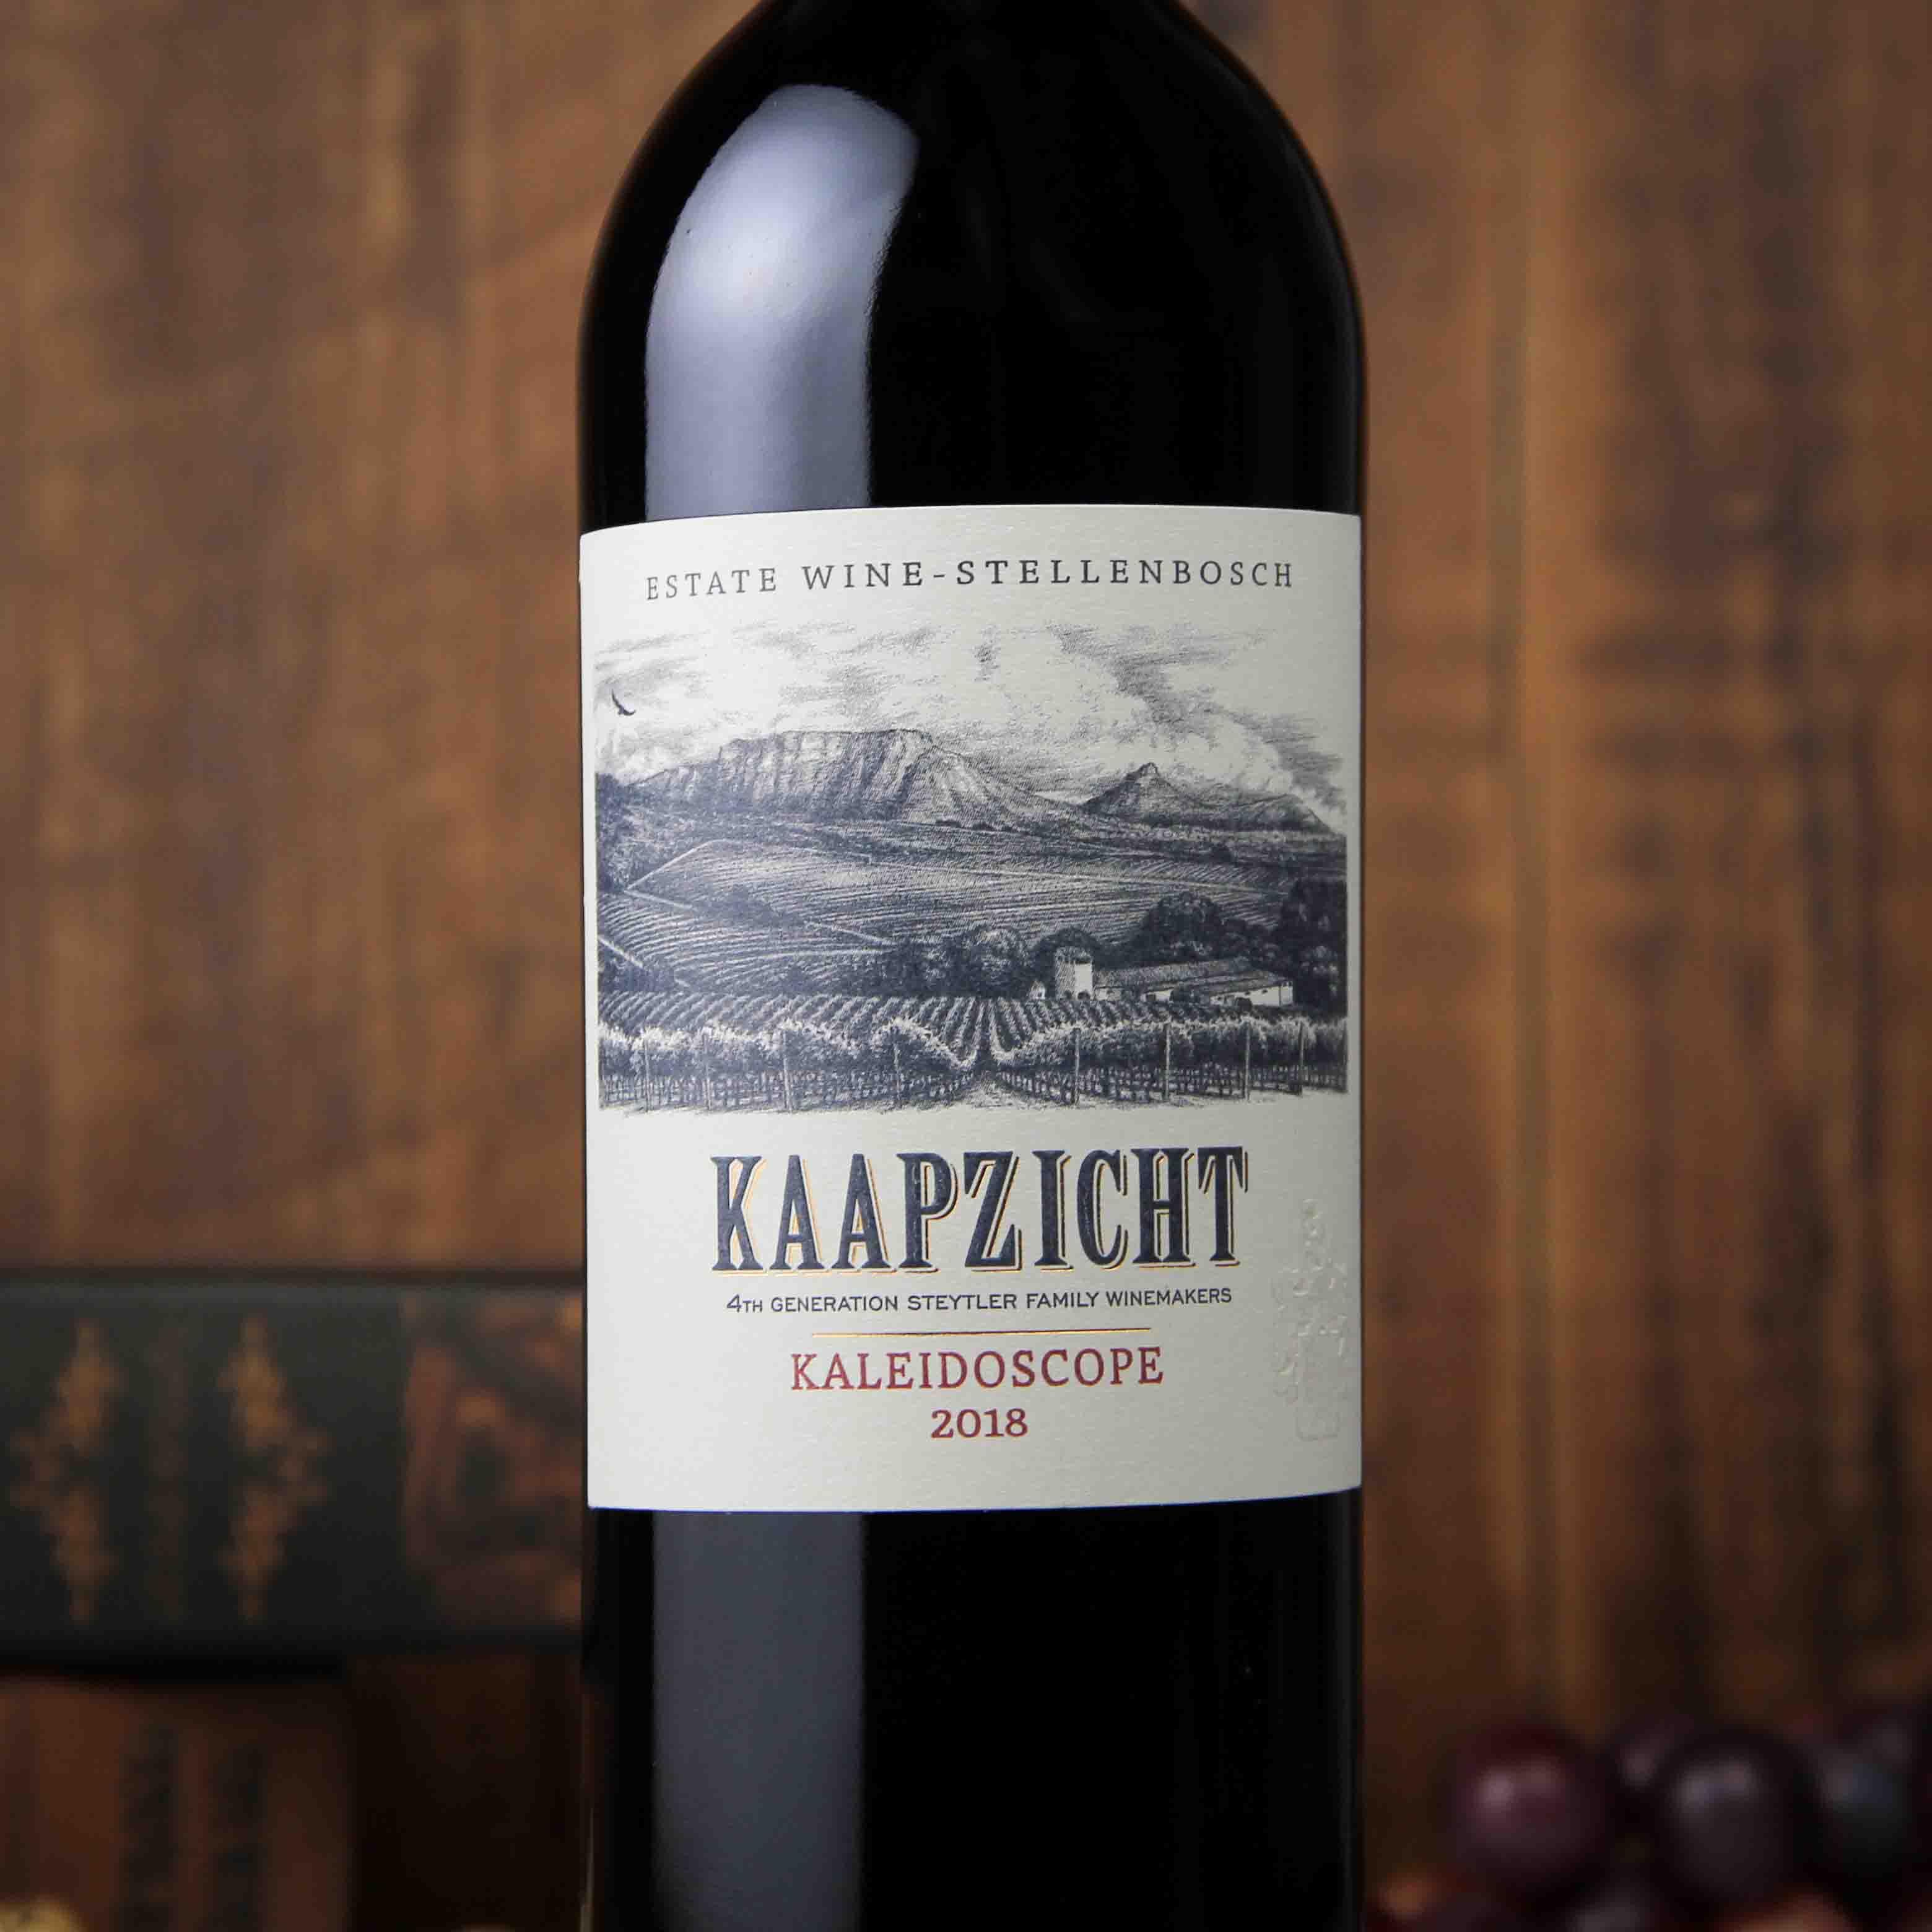 南非斯泰伦博斯桌山庄园万花筒红葡萄酒红酒